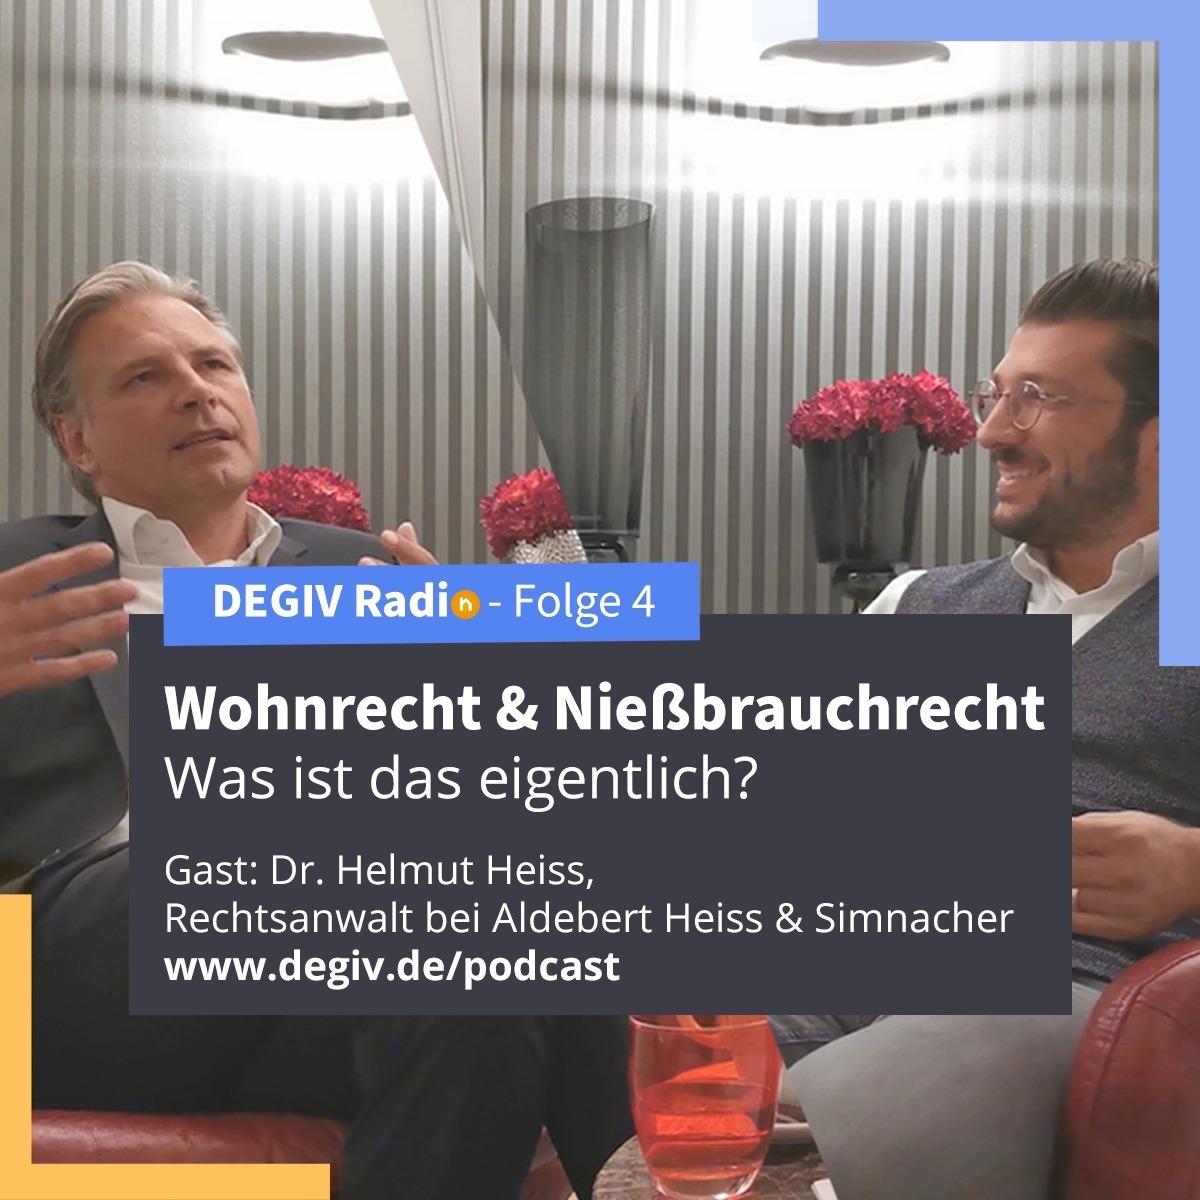 DEGIV Podcast - Immobilienverrentung und die Rechte